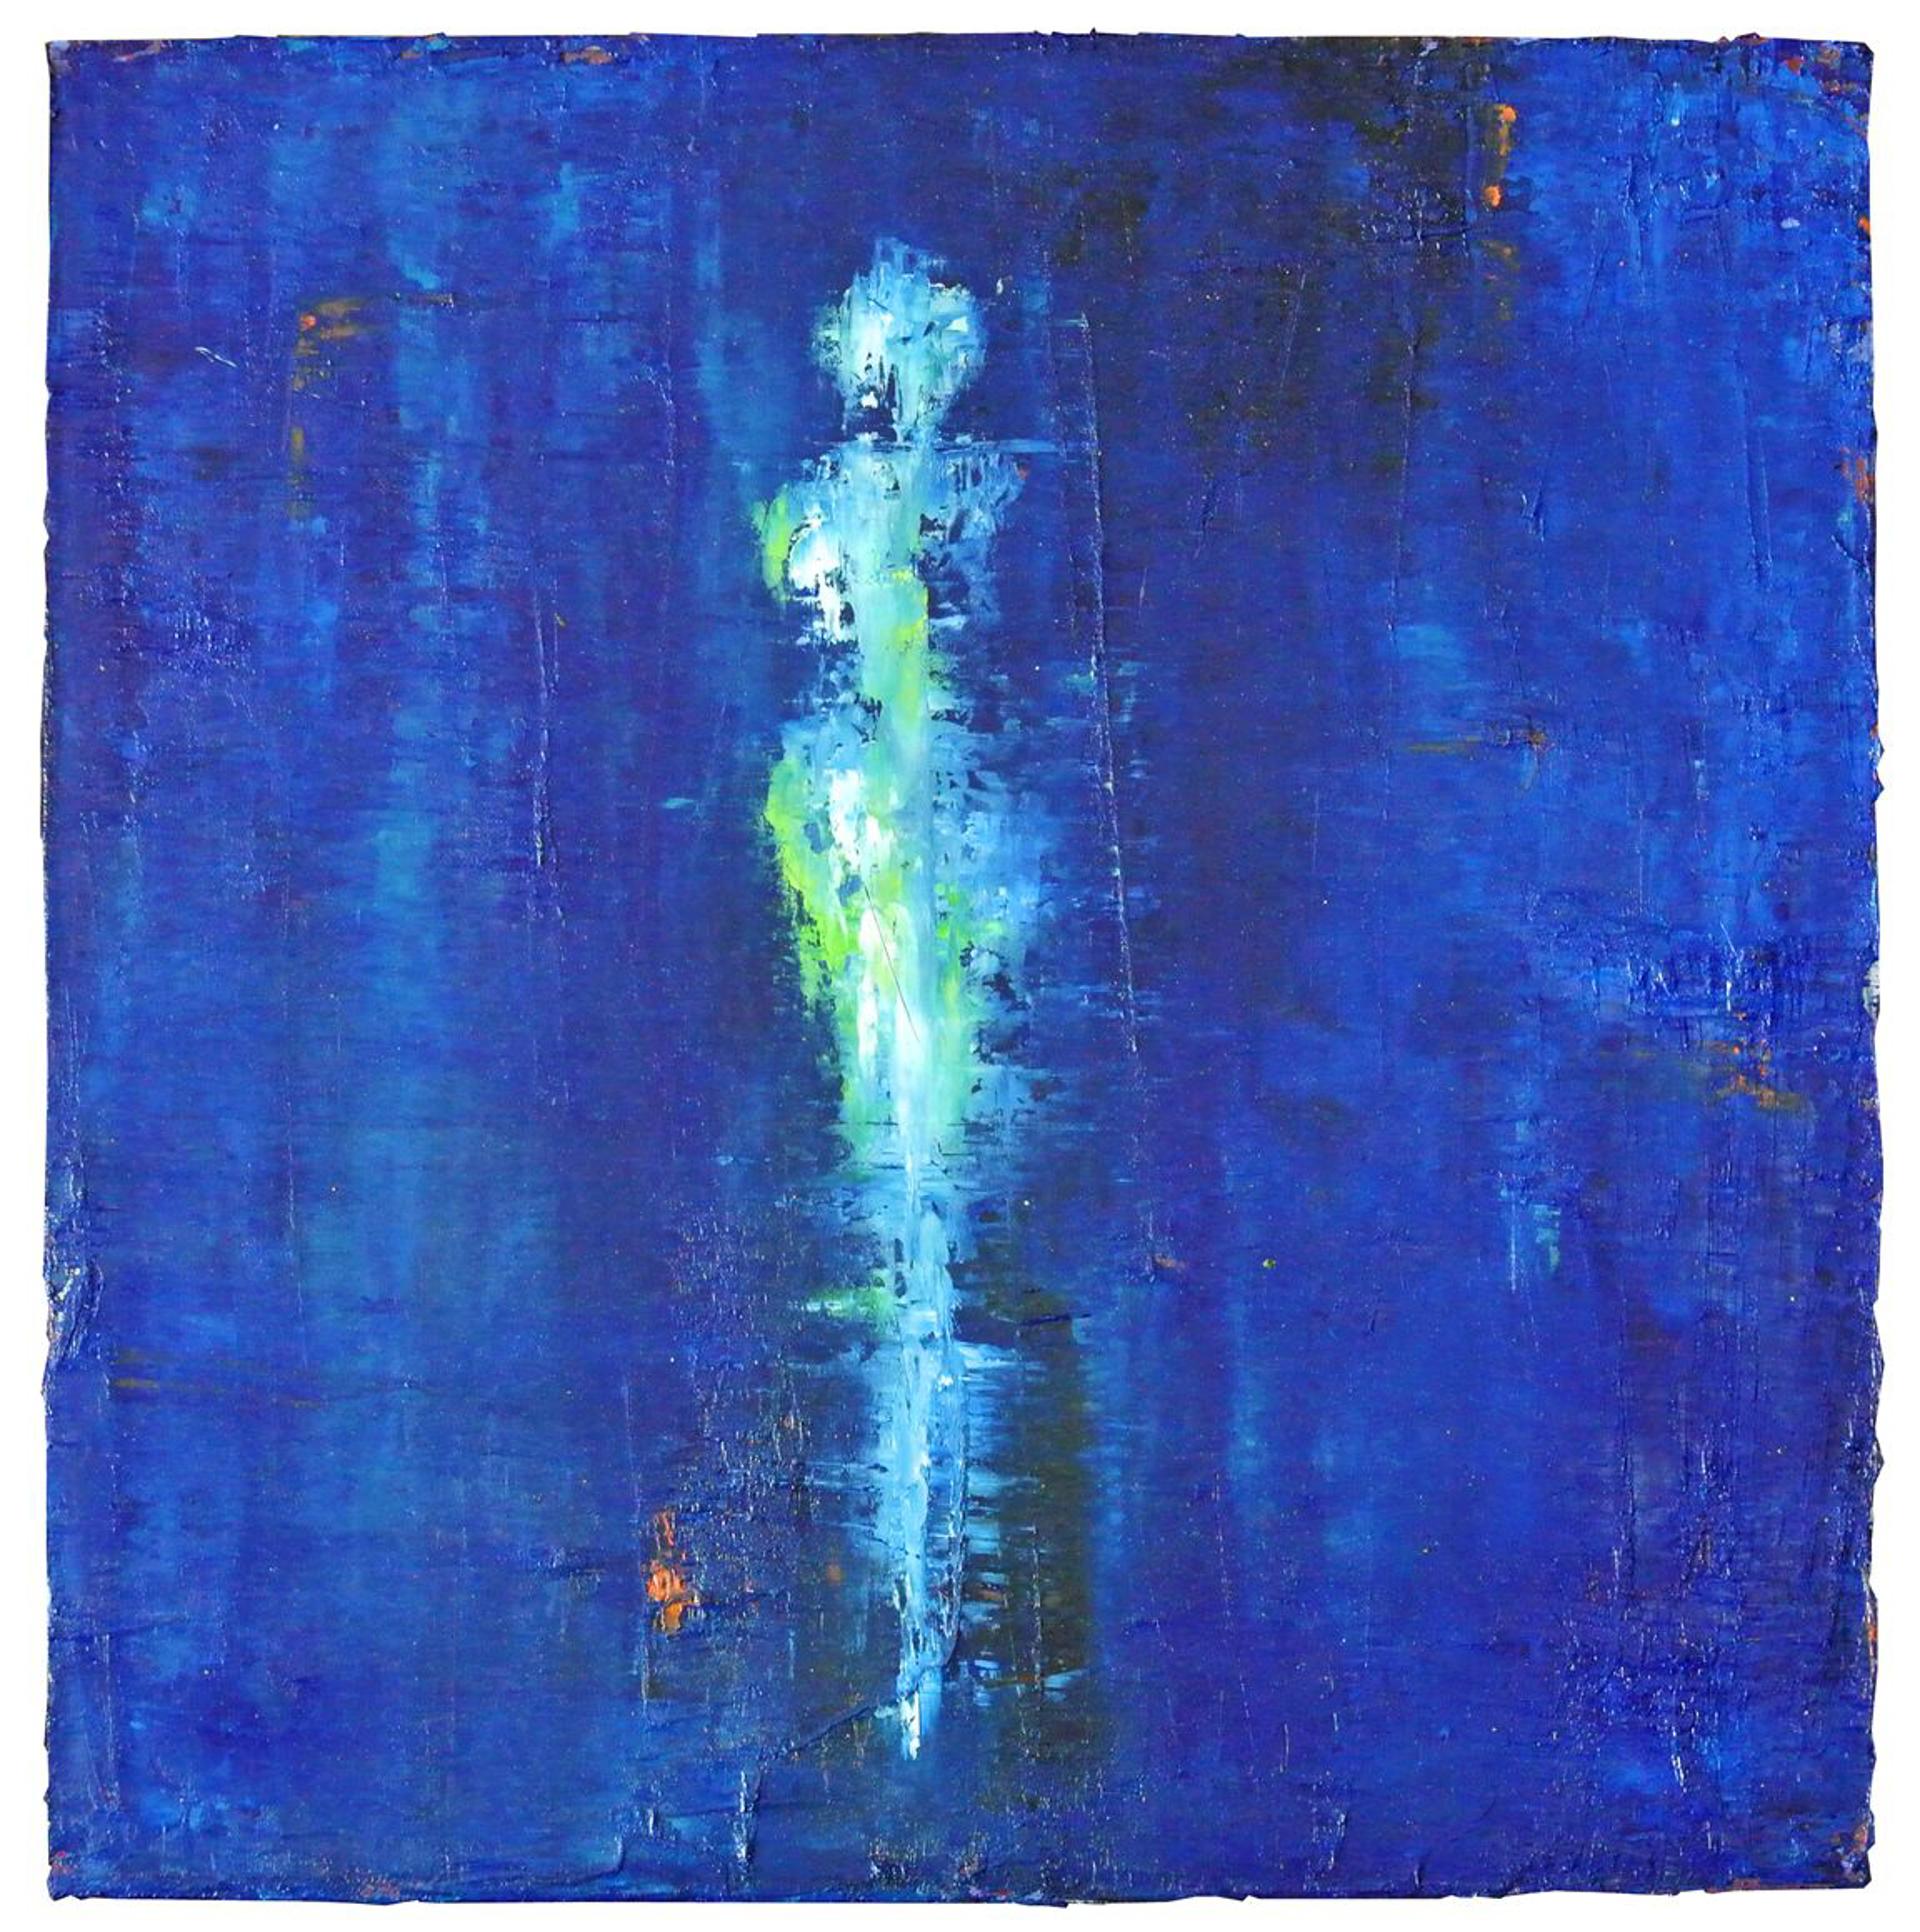 Dreamer by René Romero Schuler